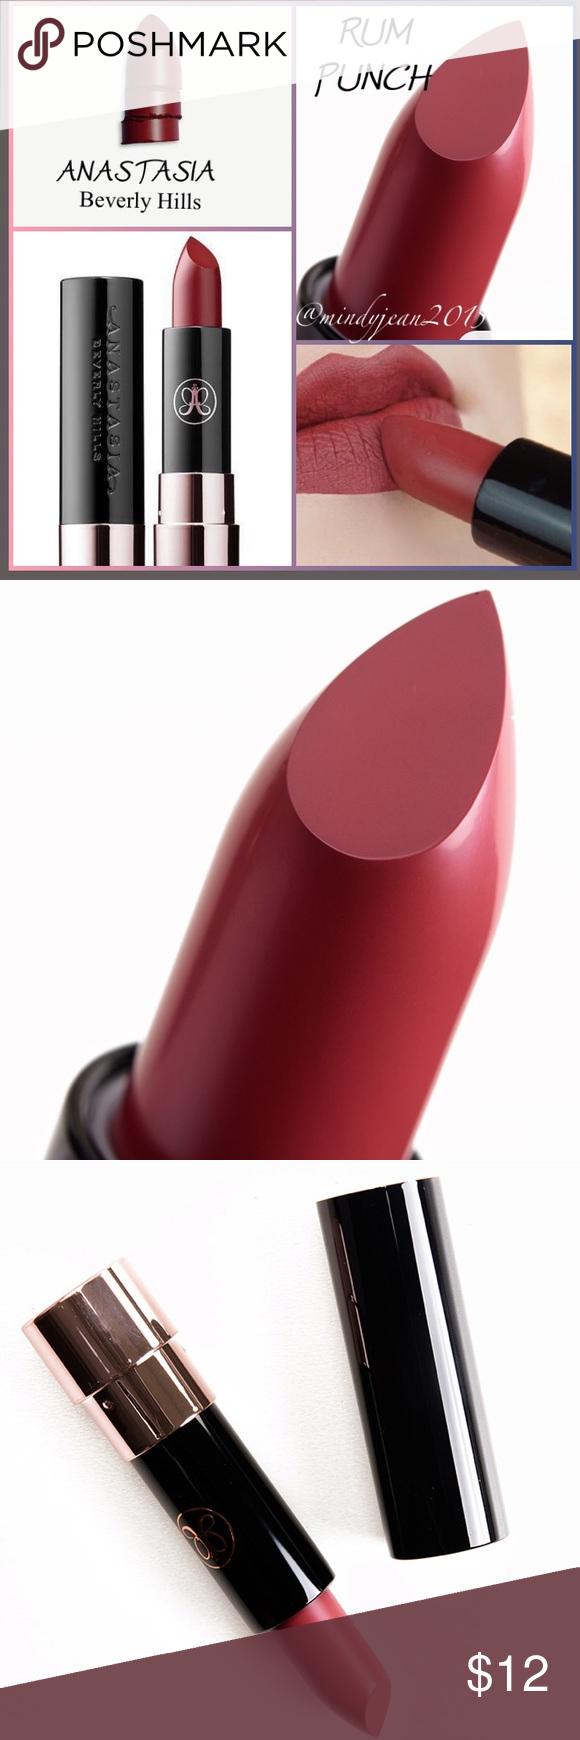 Anastasia Beverly Hills Matte Lipstick Rum Punch Lipstick Matte Lipstick How To Line Lips